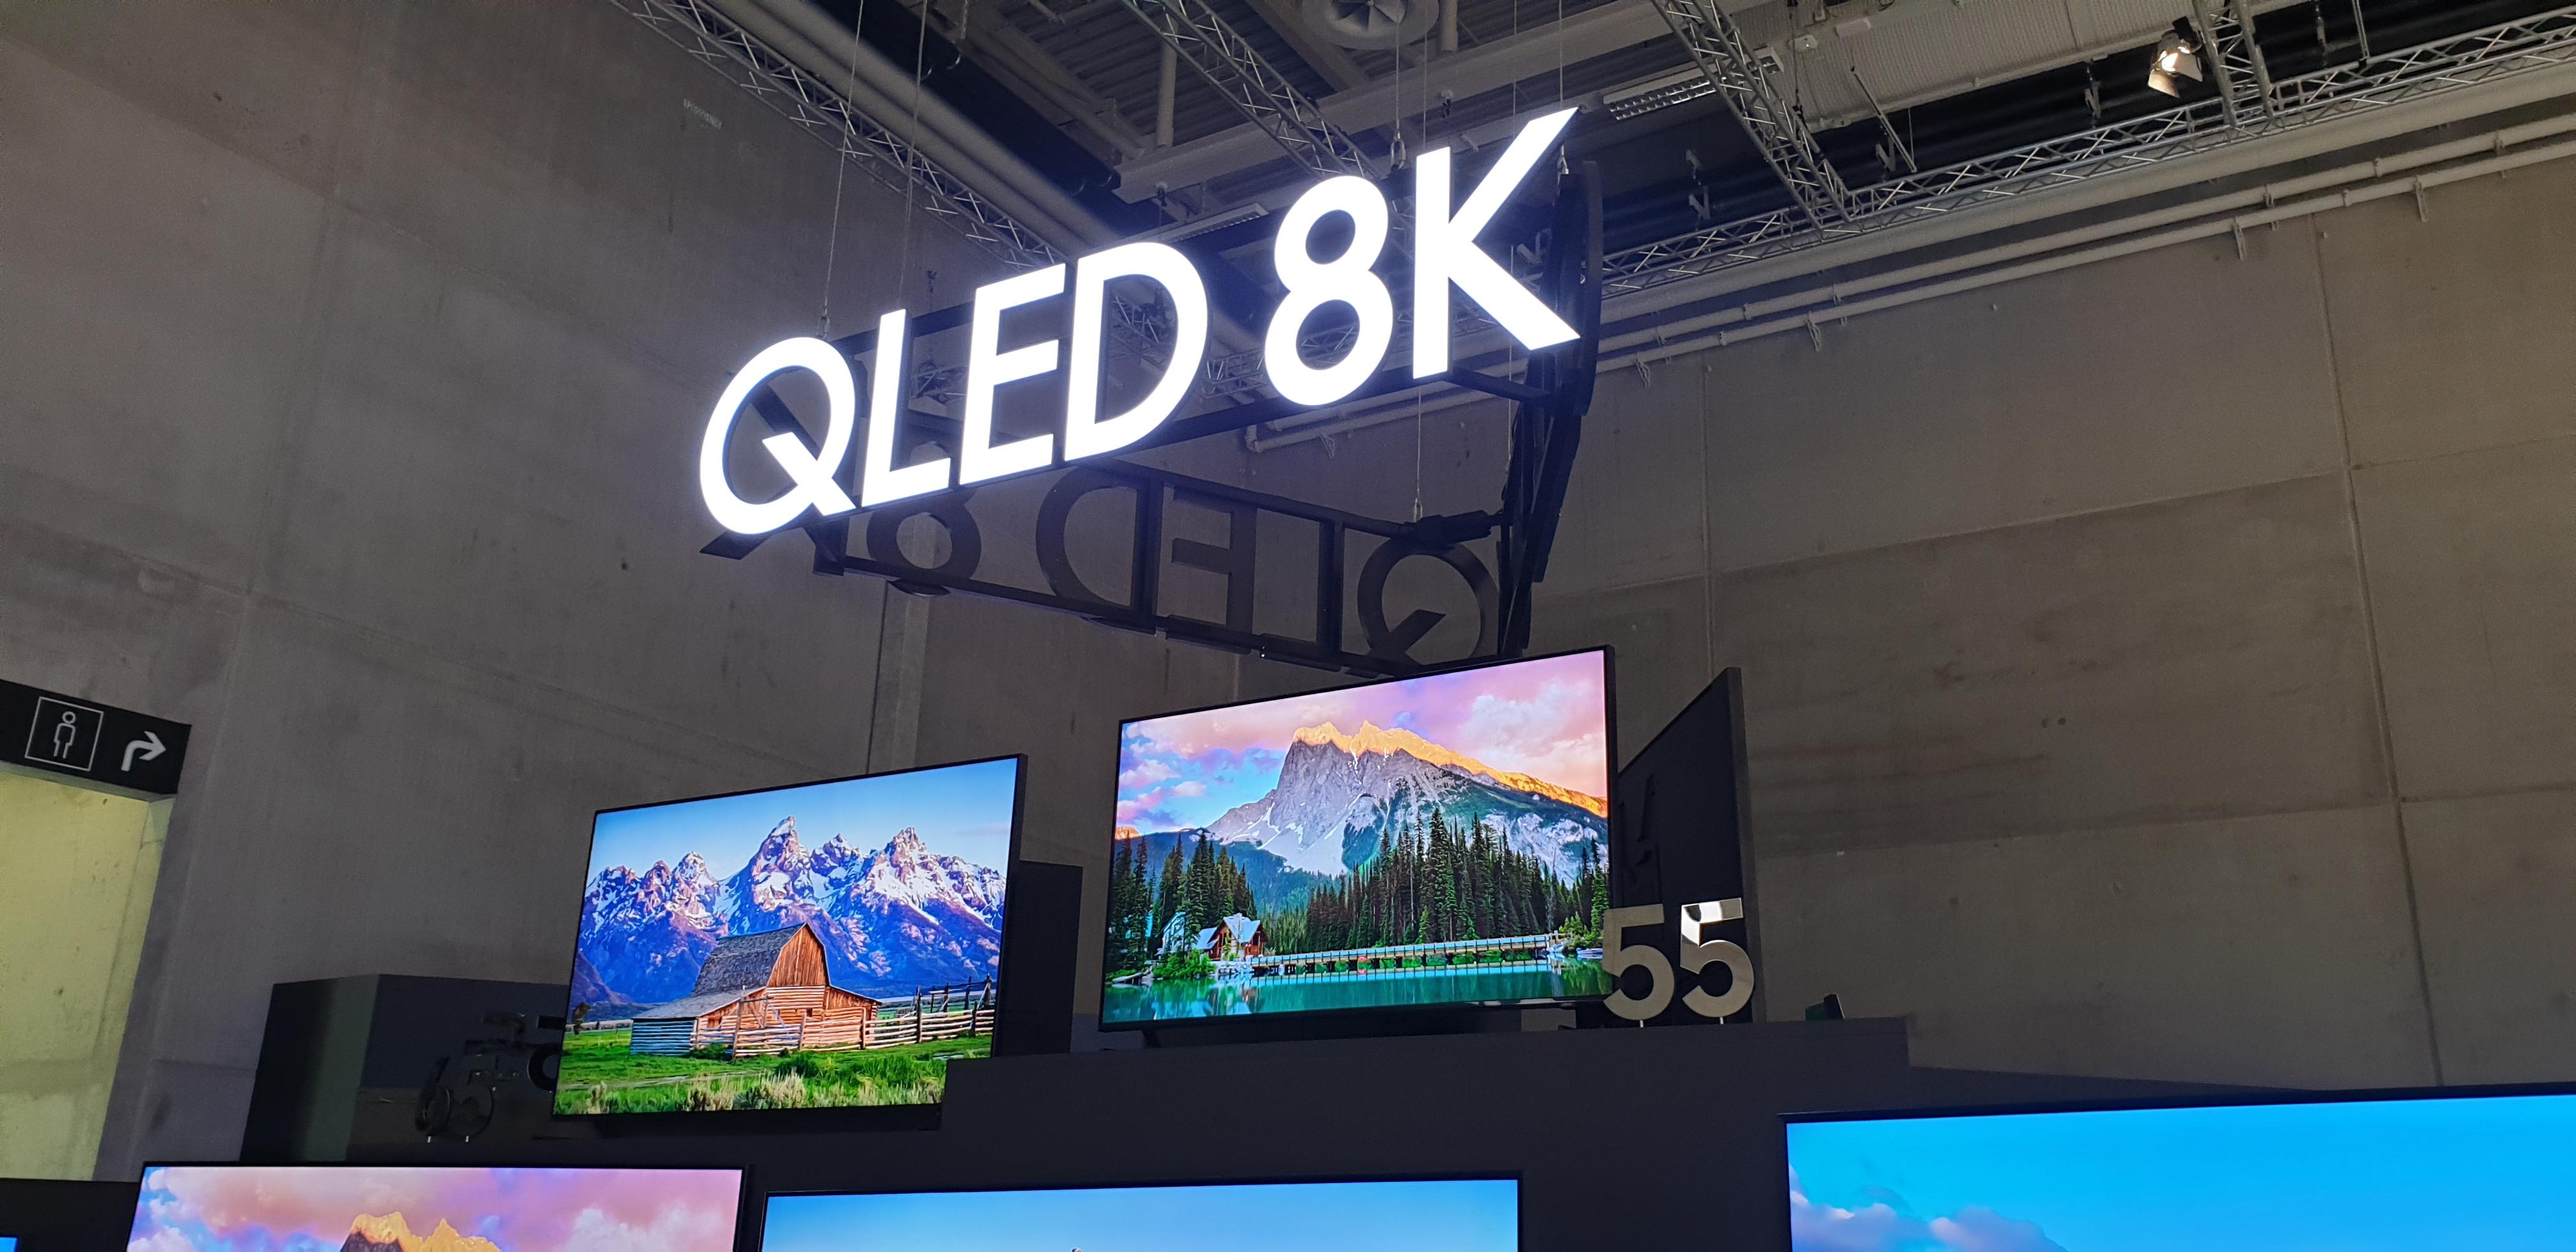 8K : retenez ce logo pour reconnaître les TV compatibles en un coup d'œil